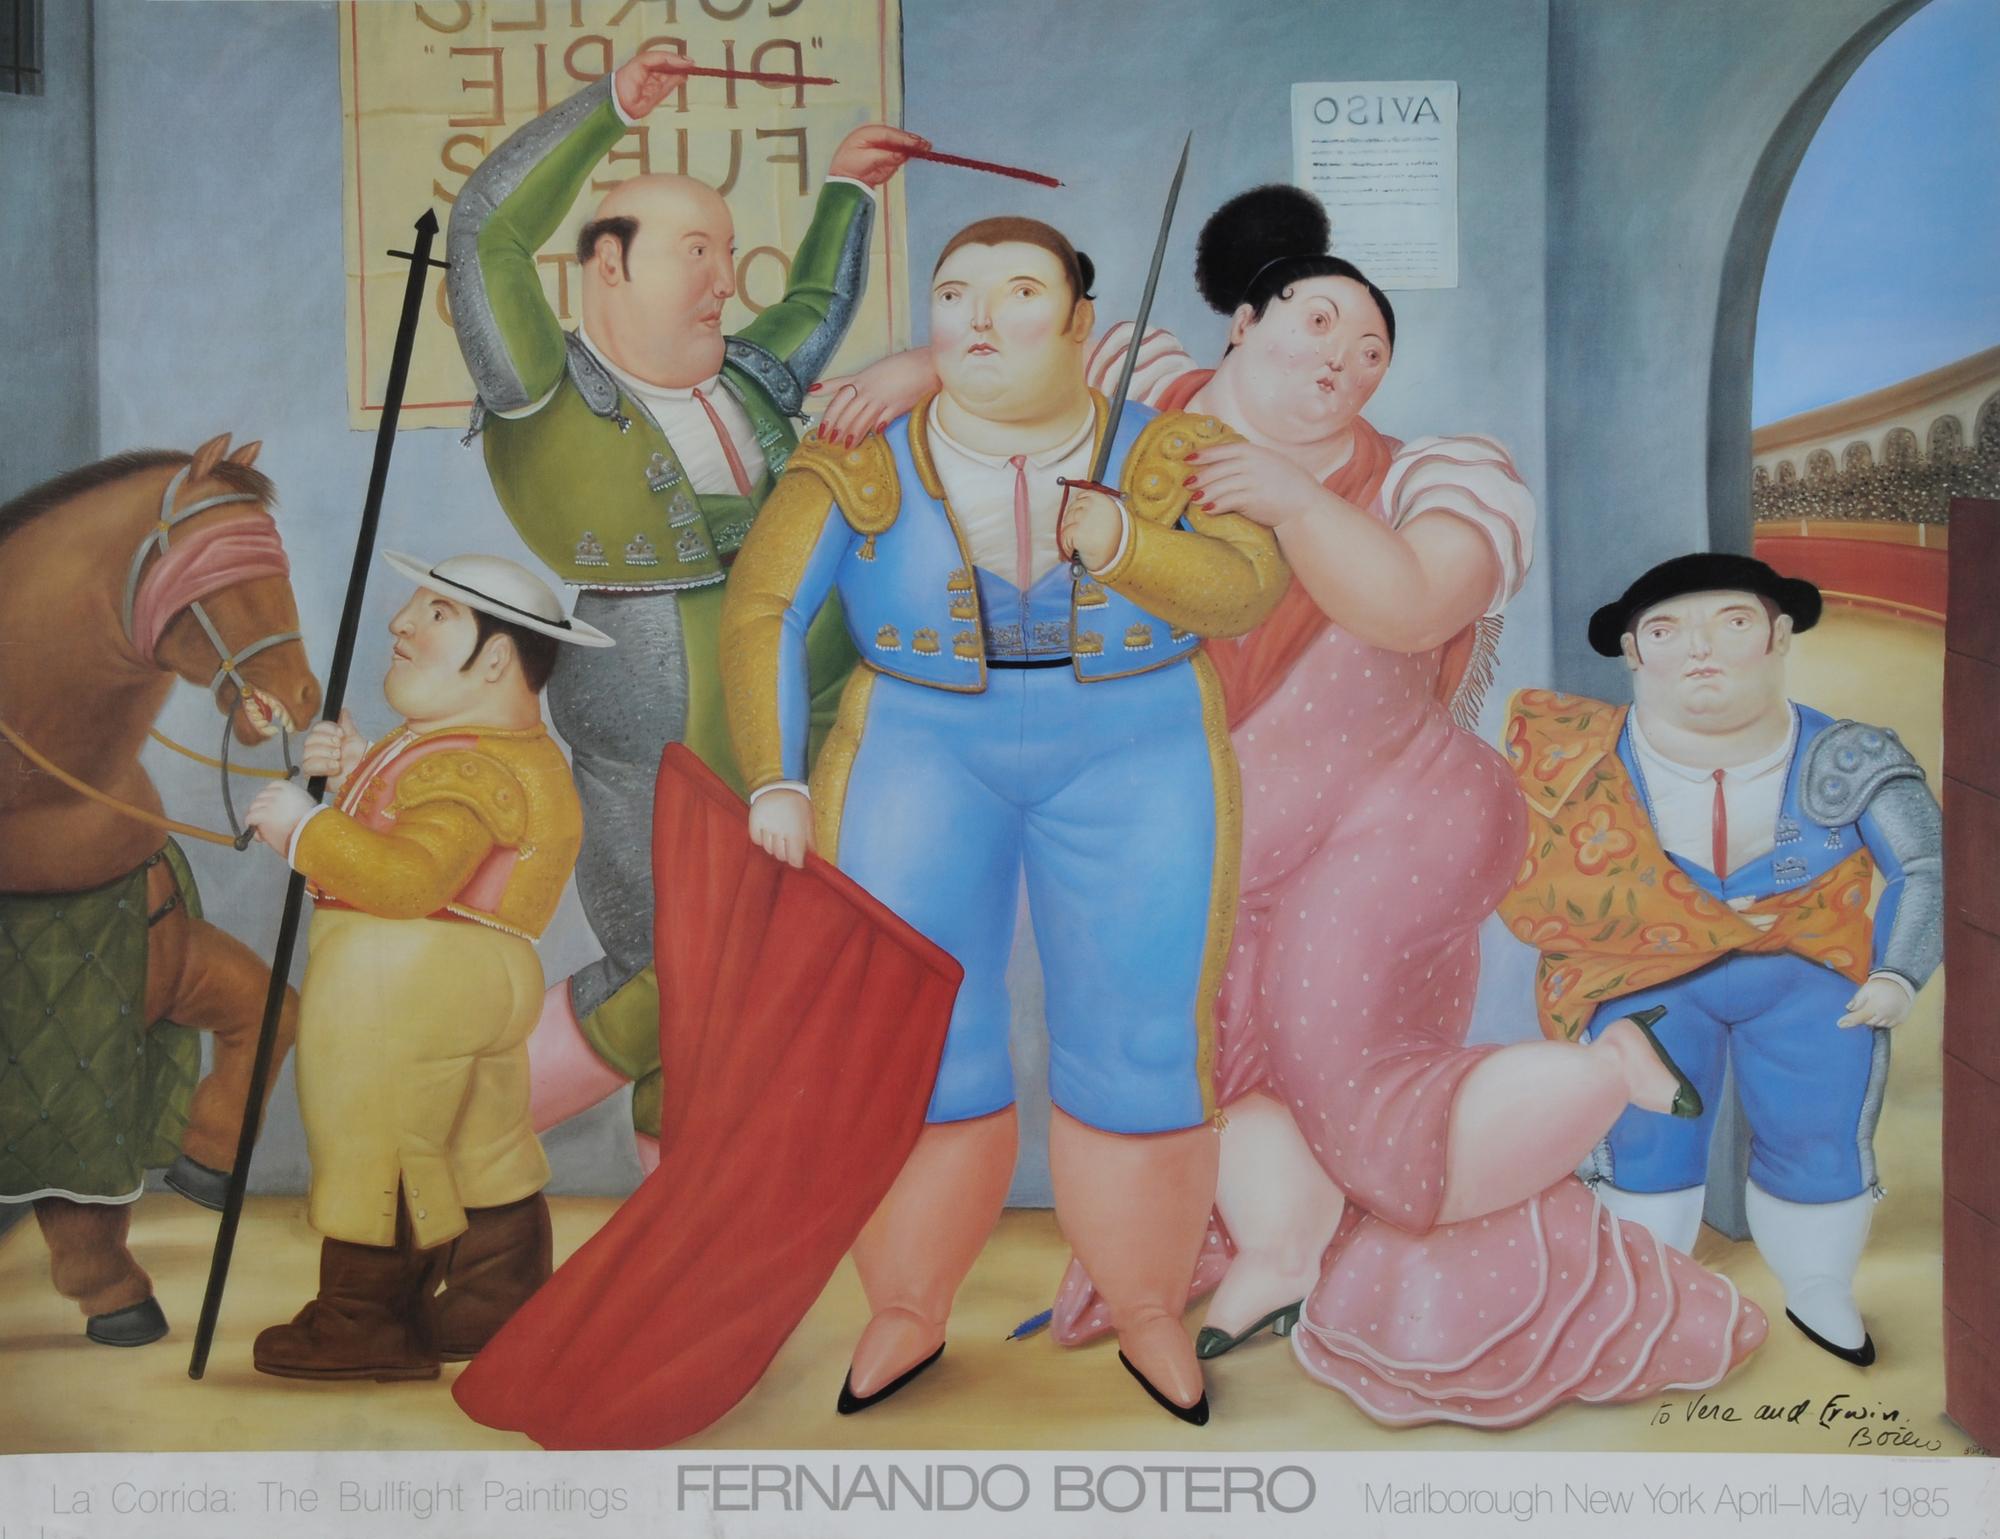 Botero Fernando, 2 sheets: Poster Marlborough Gallery, New York, 1985; Poster Castello Sforzesco, Milano